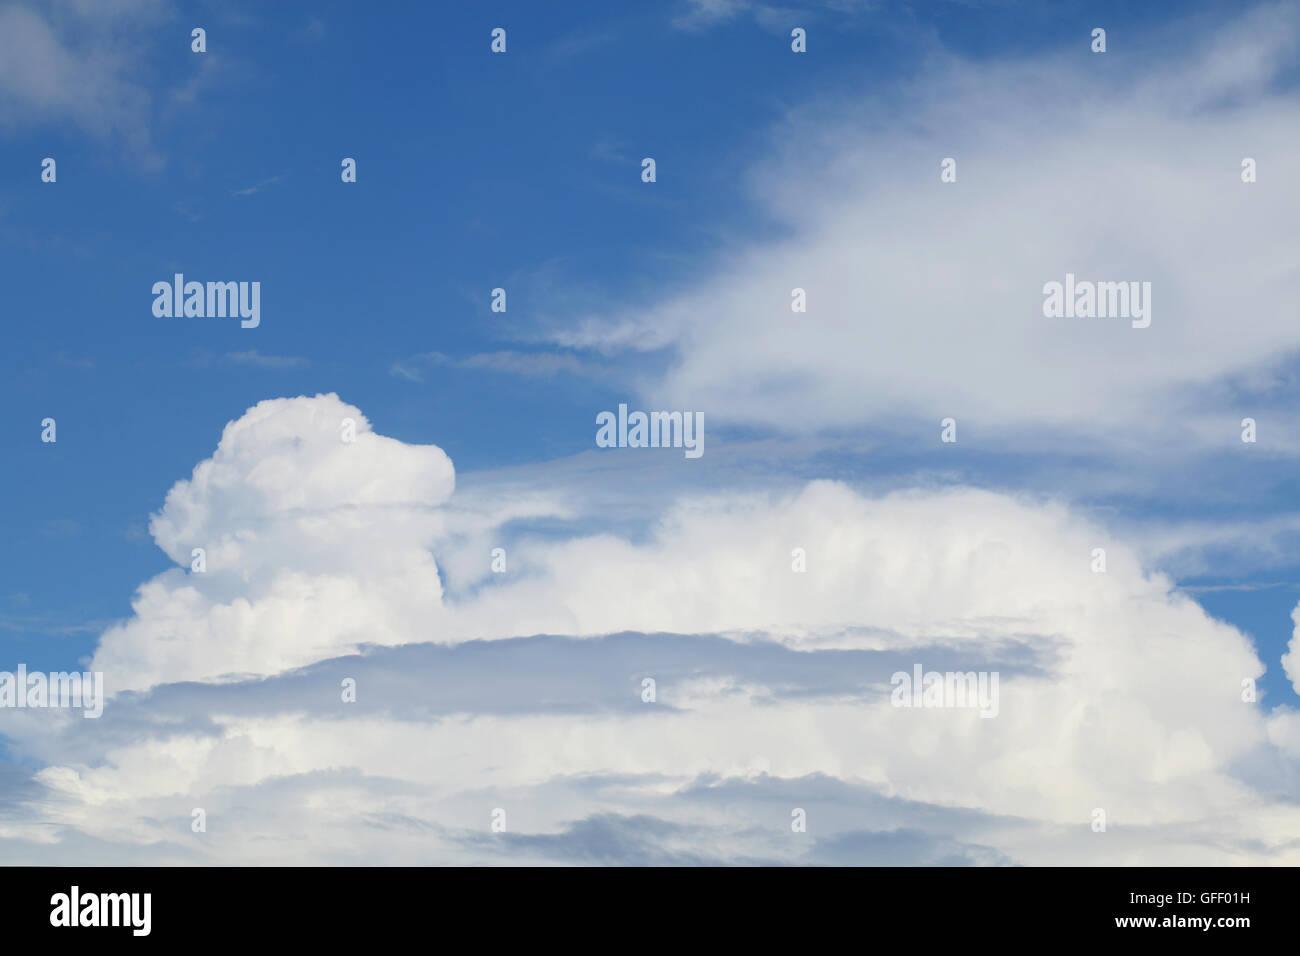 cumulonimbus cloud and blue sky - Stock Image